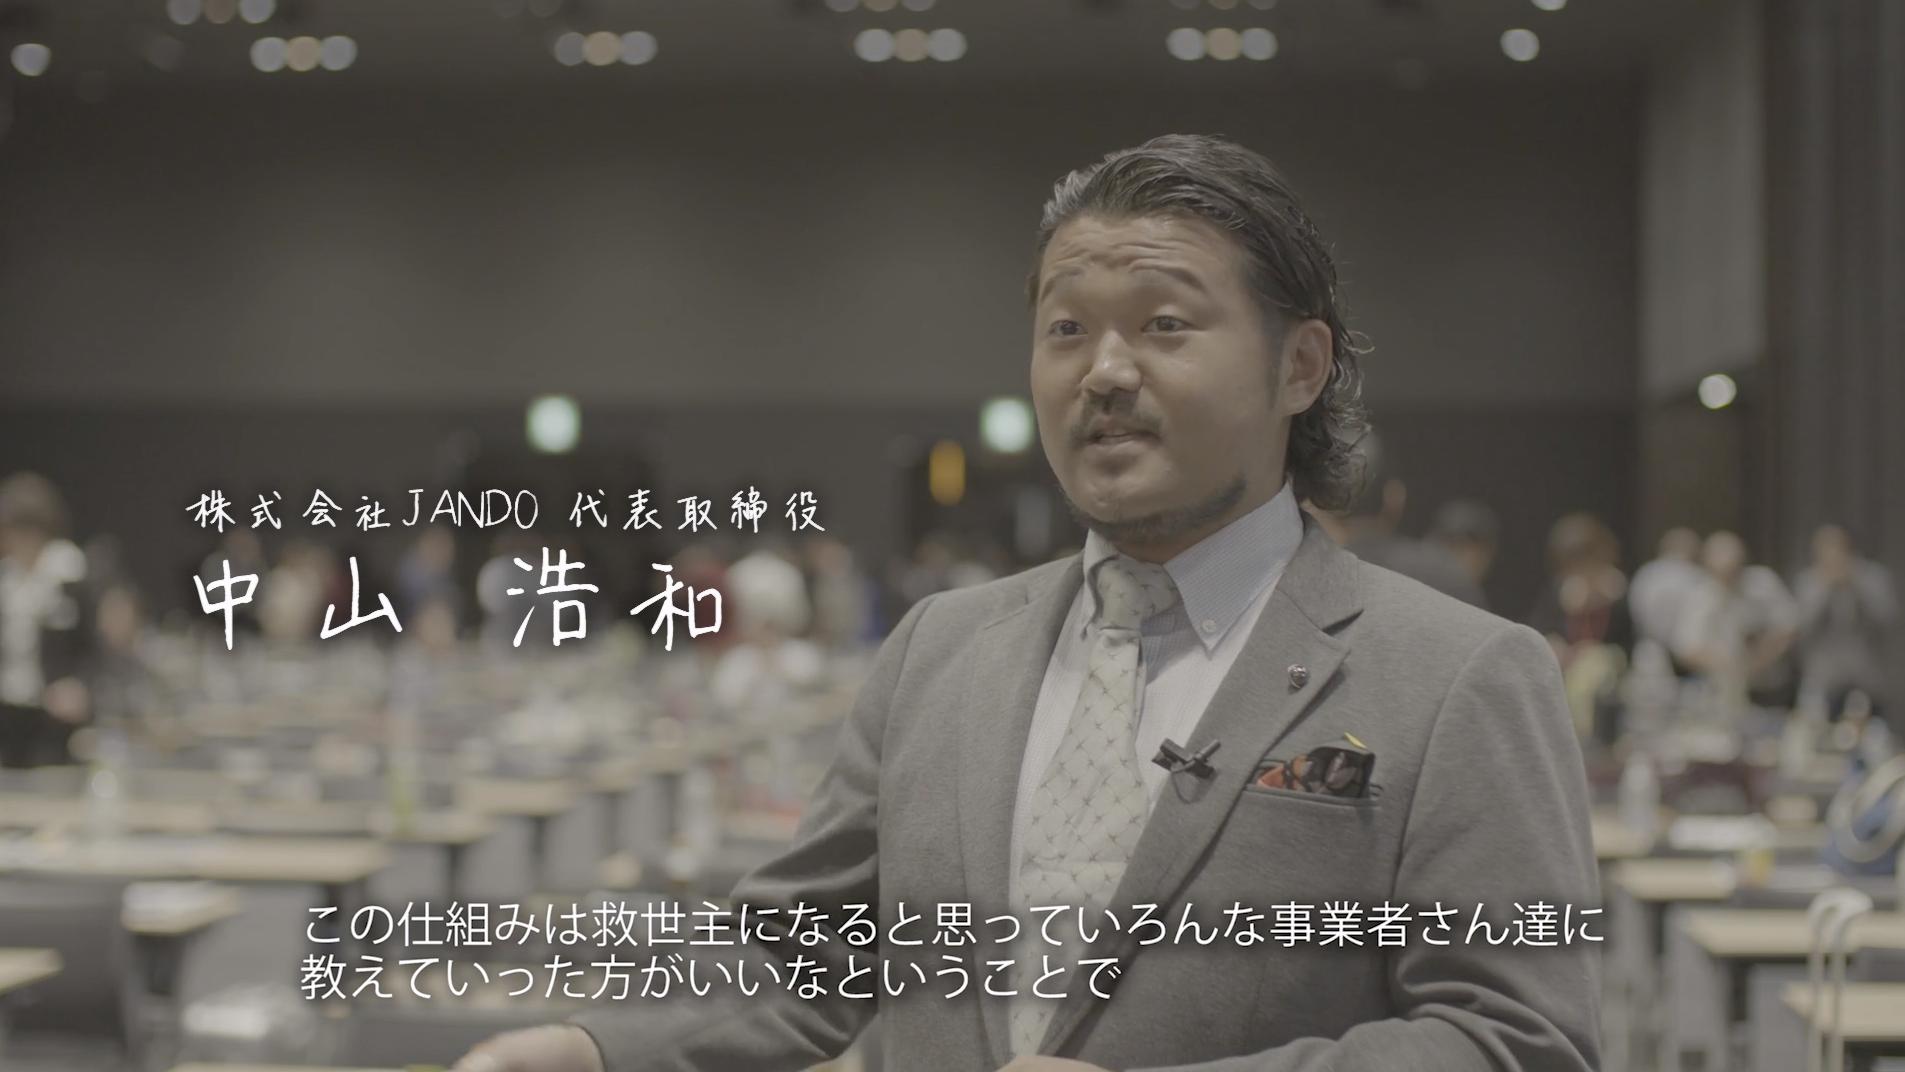 株式会社JANDO代表取締役 中山浩和